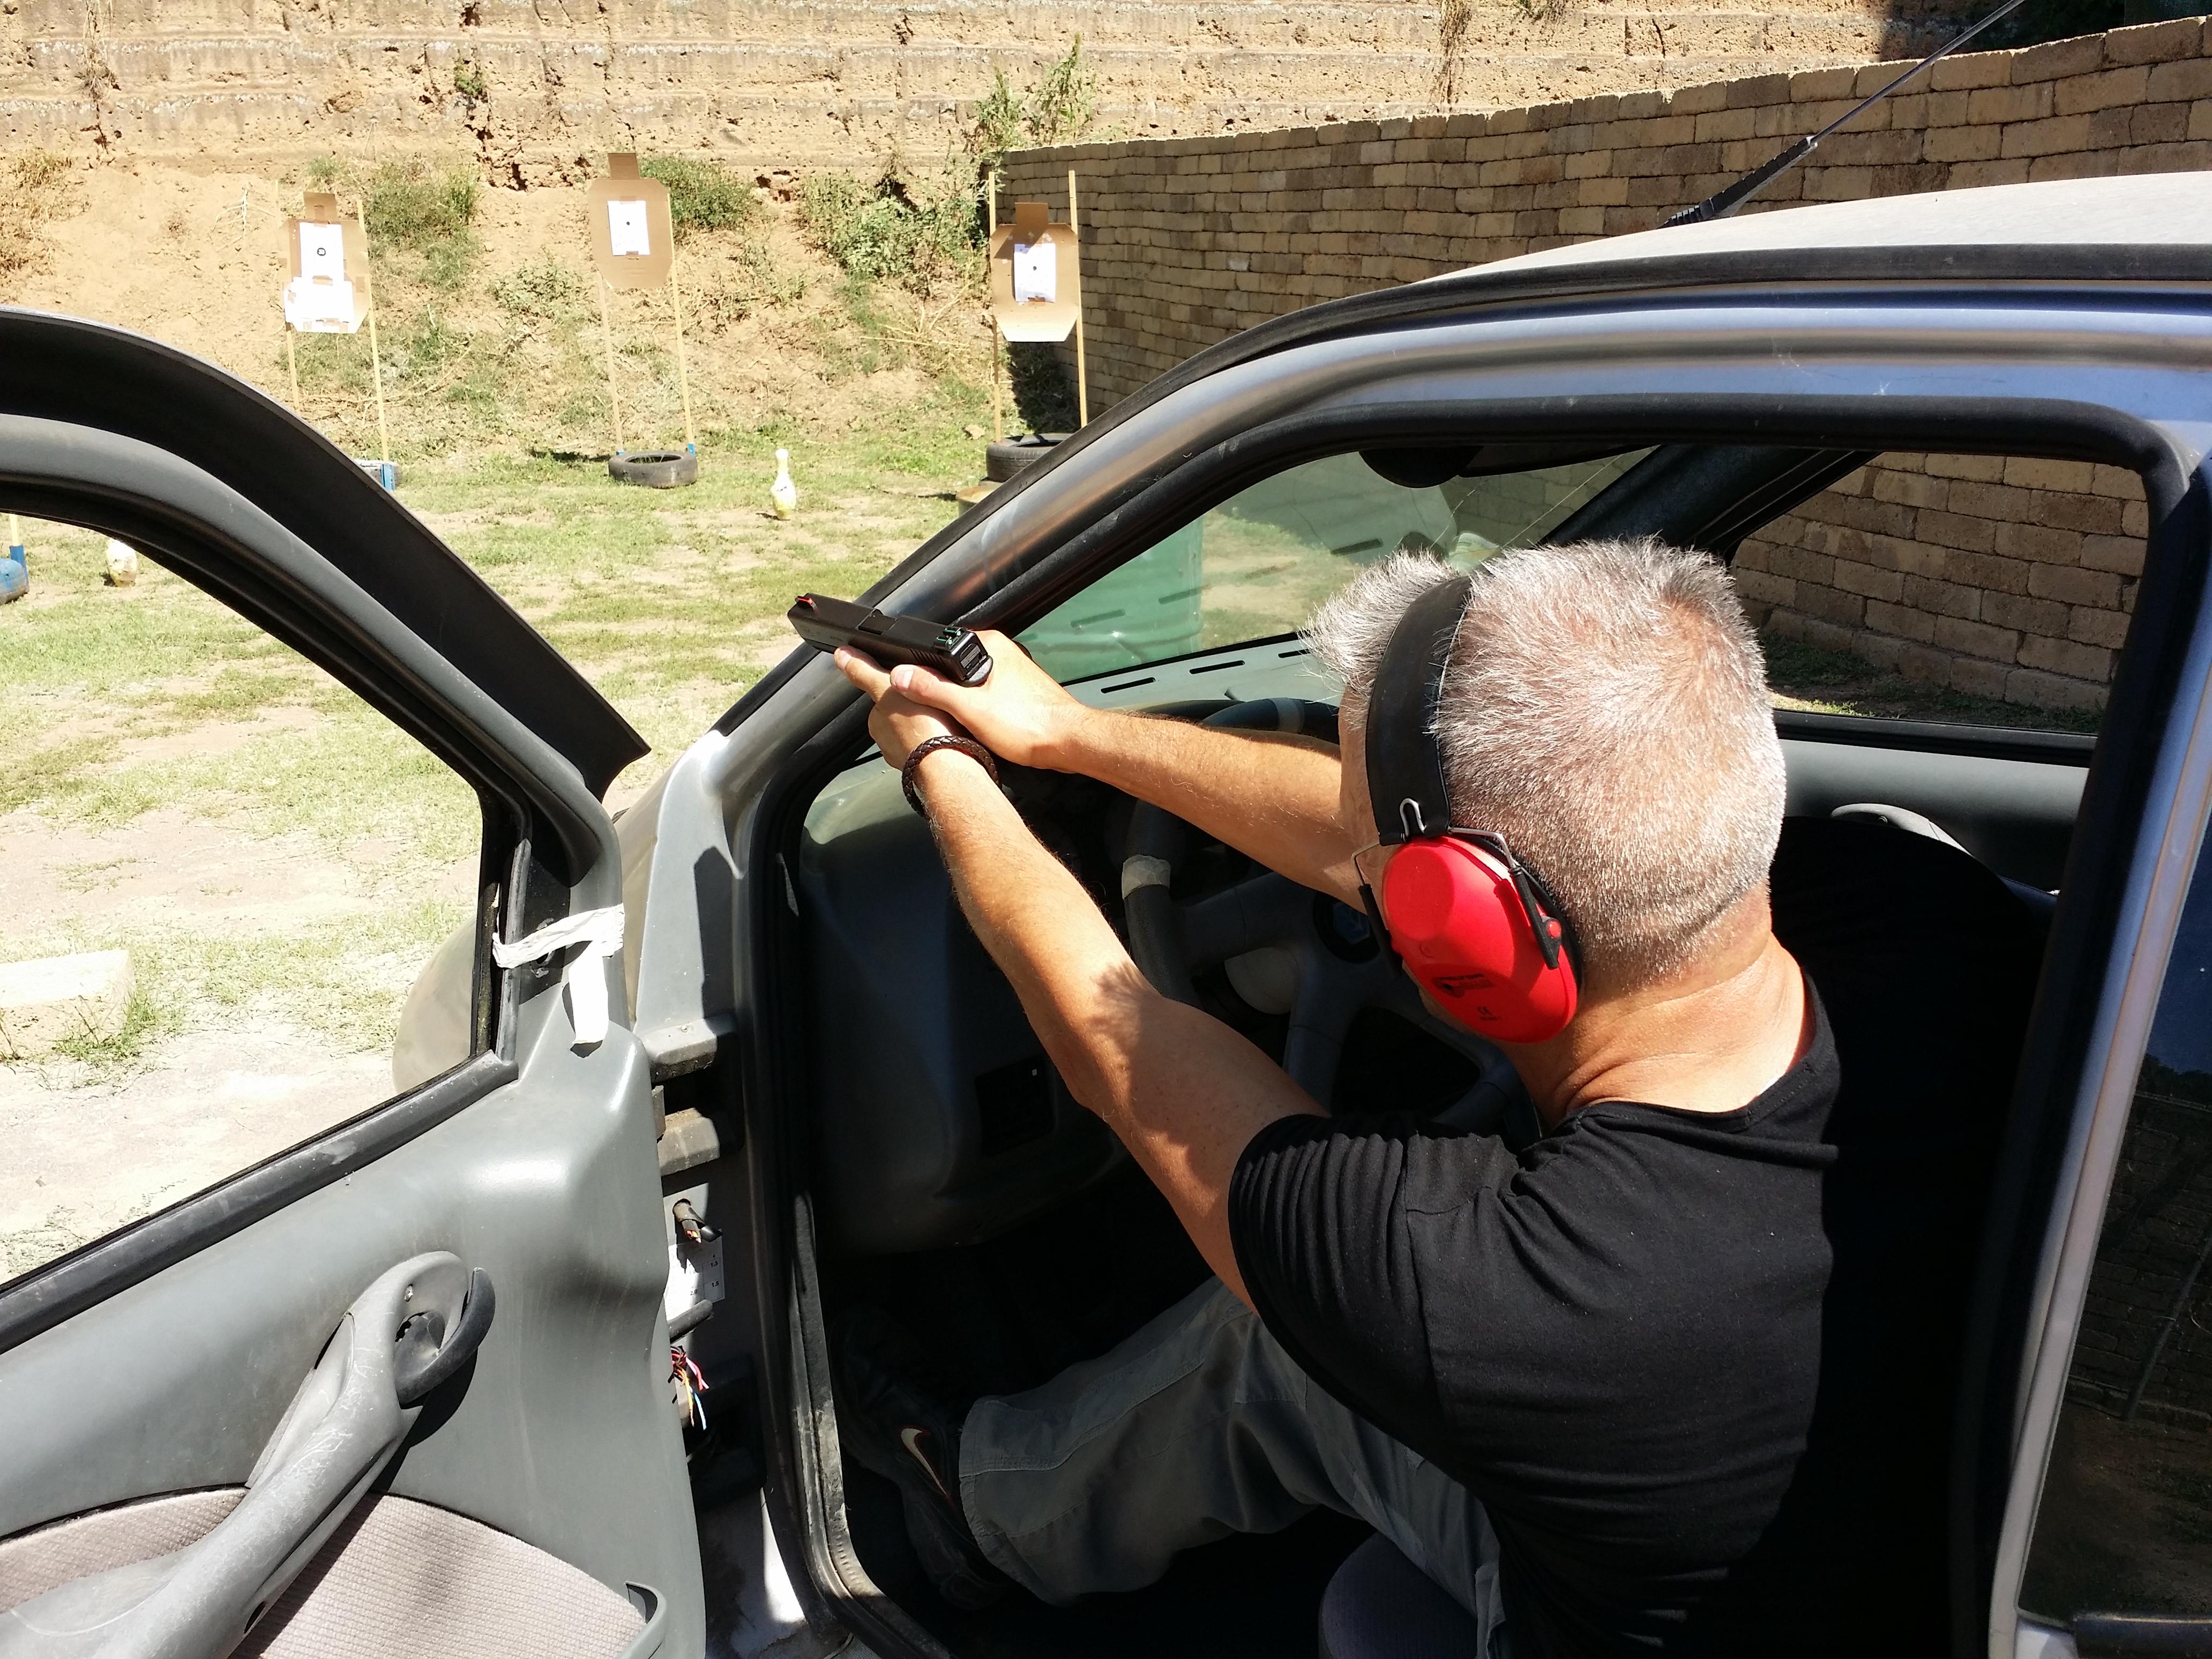 Master Carlo Bernardi mentre si cimenta nel Tiro da dentro un'Auto